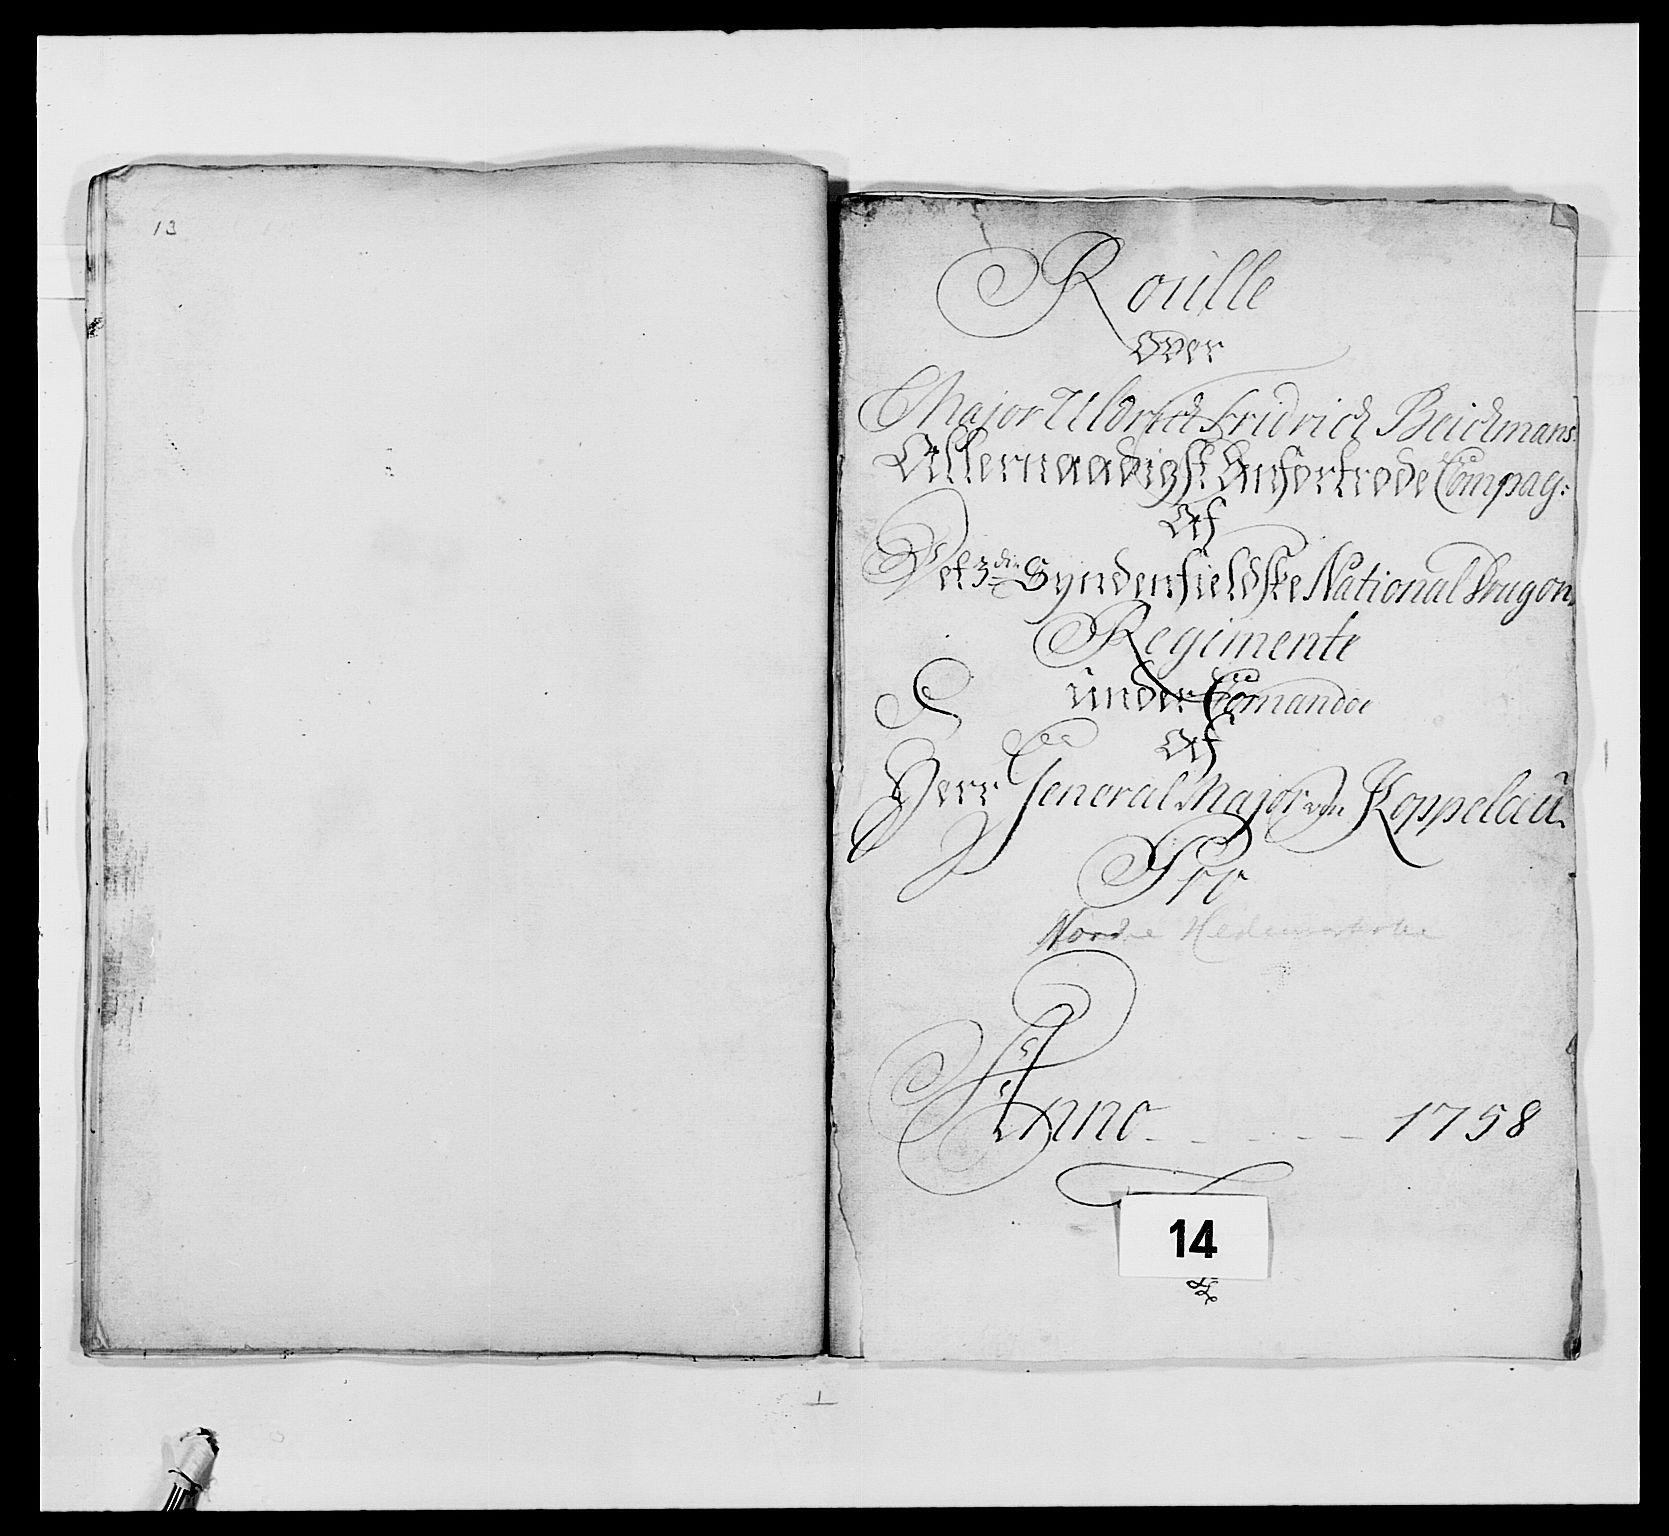 RA, Kommanderende general (KG I) med Det norske krigsdirektorium, E/Ea/L0479: 3. Sønnafjelske dragonregiment, 1756-1760, s. 260